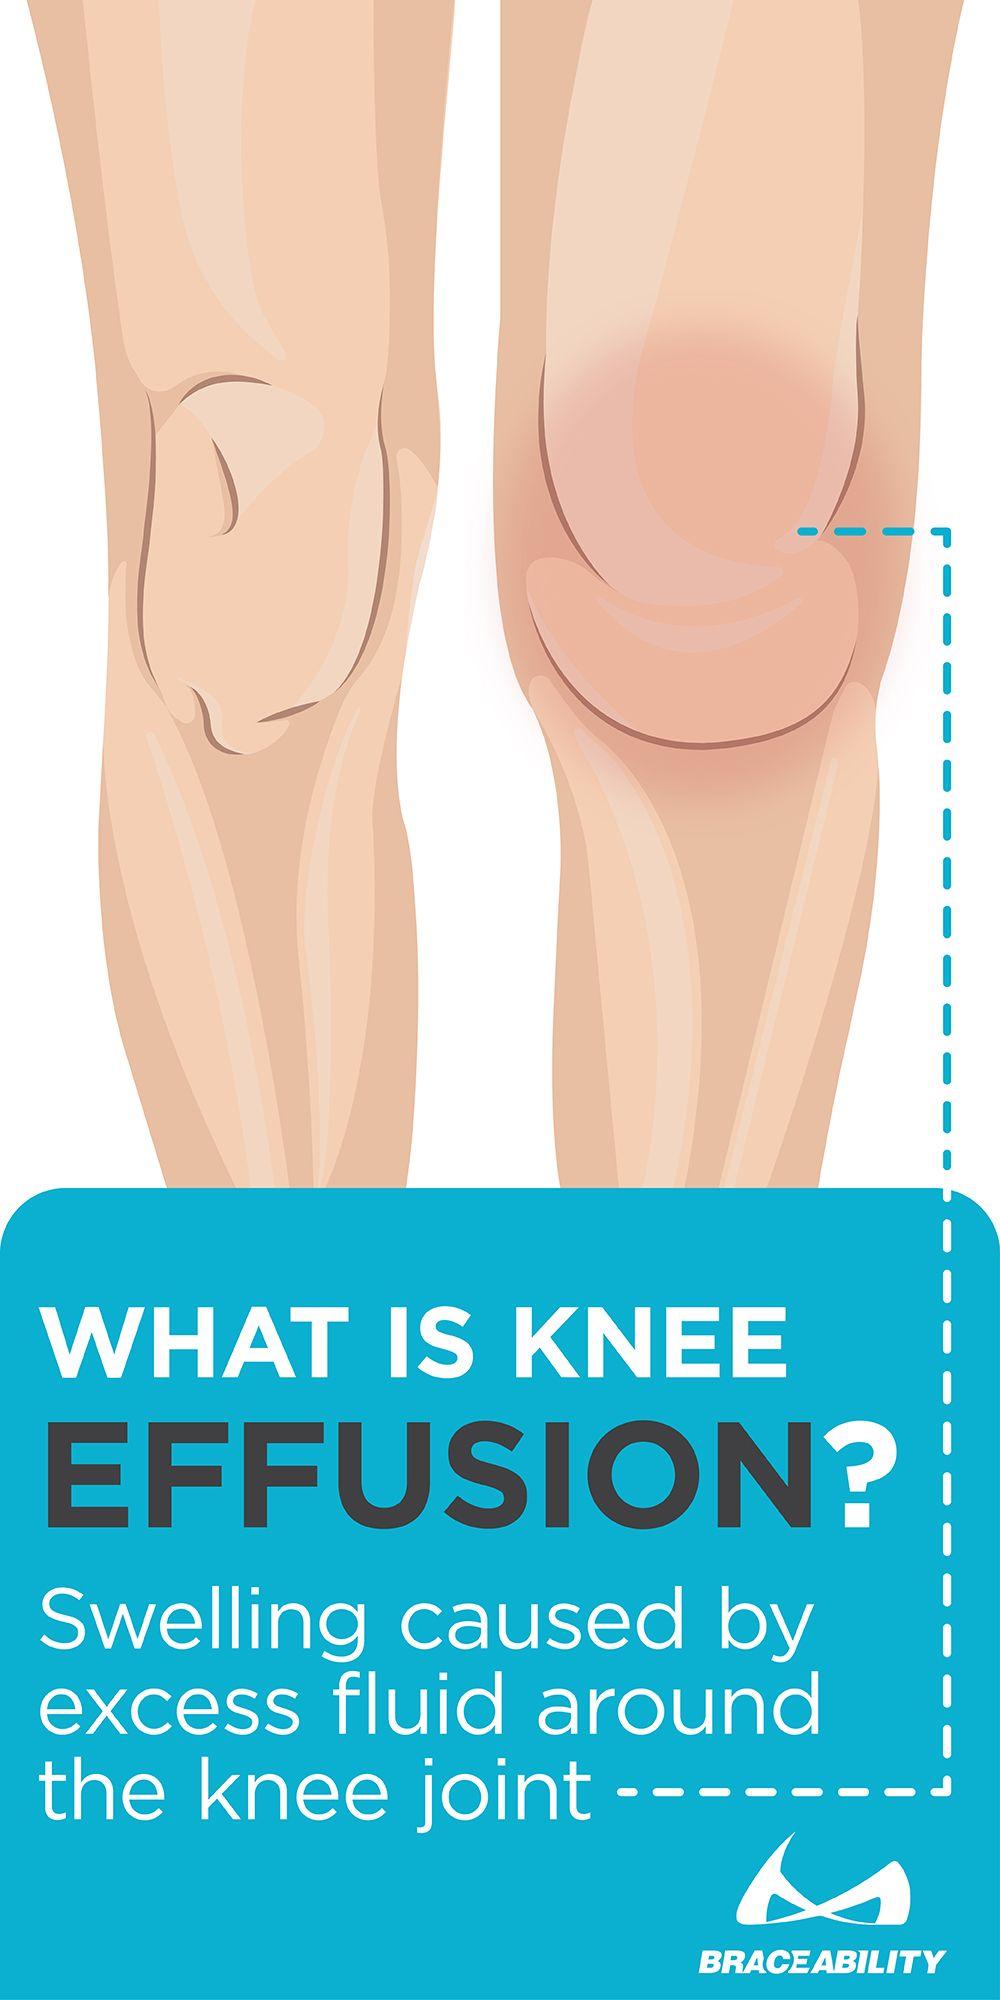 Az ember lába csontjának szerkezete. Általános anatómiai információk az emberi láb szerkezetéről